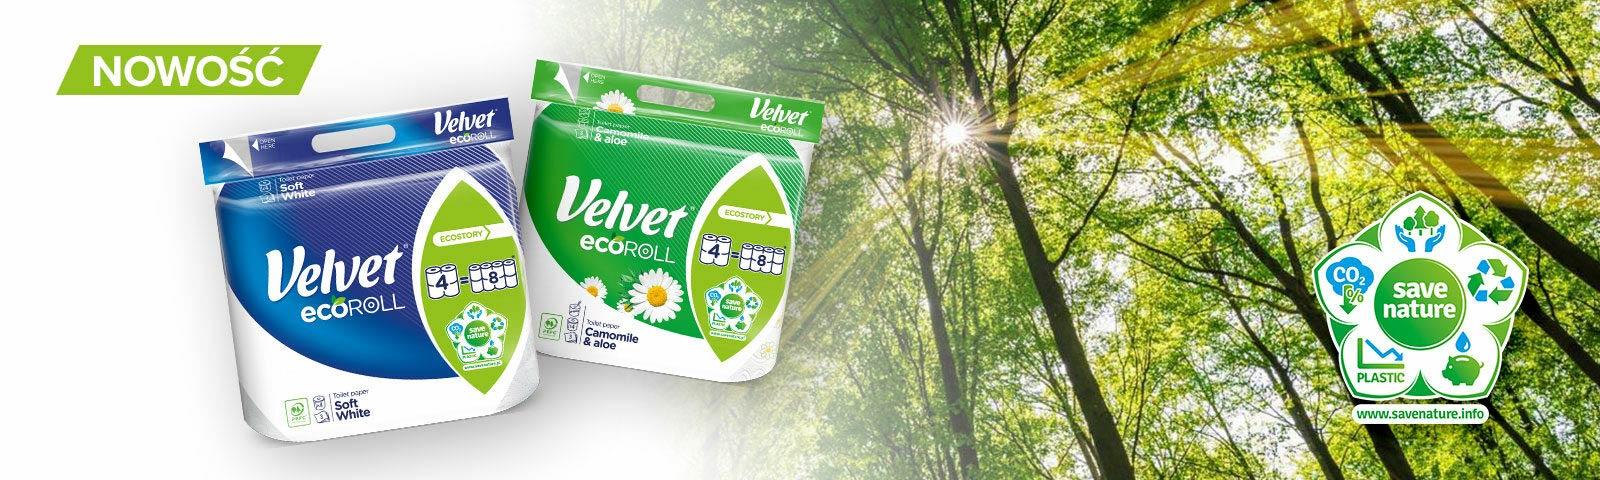 Nowy papier Velvet ecoROLL – ekologiczne i wygodne rozwiązanie do Twojej łazienki!